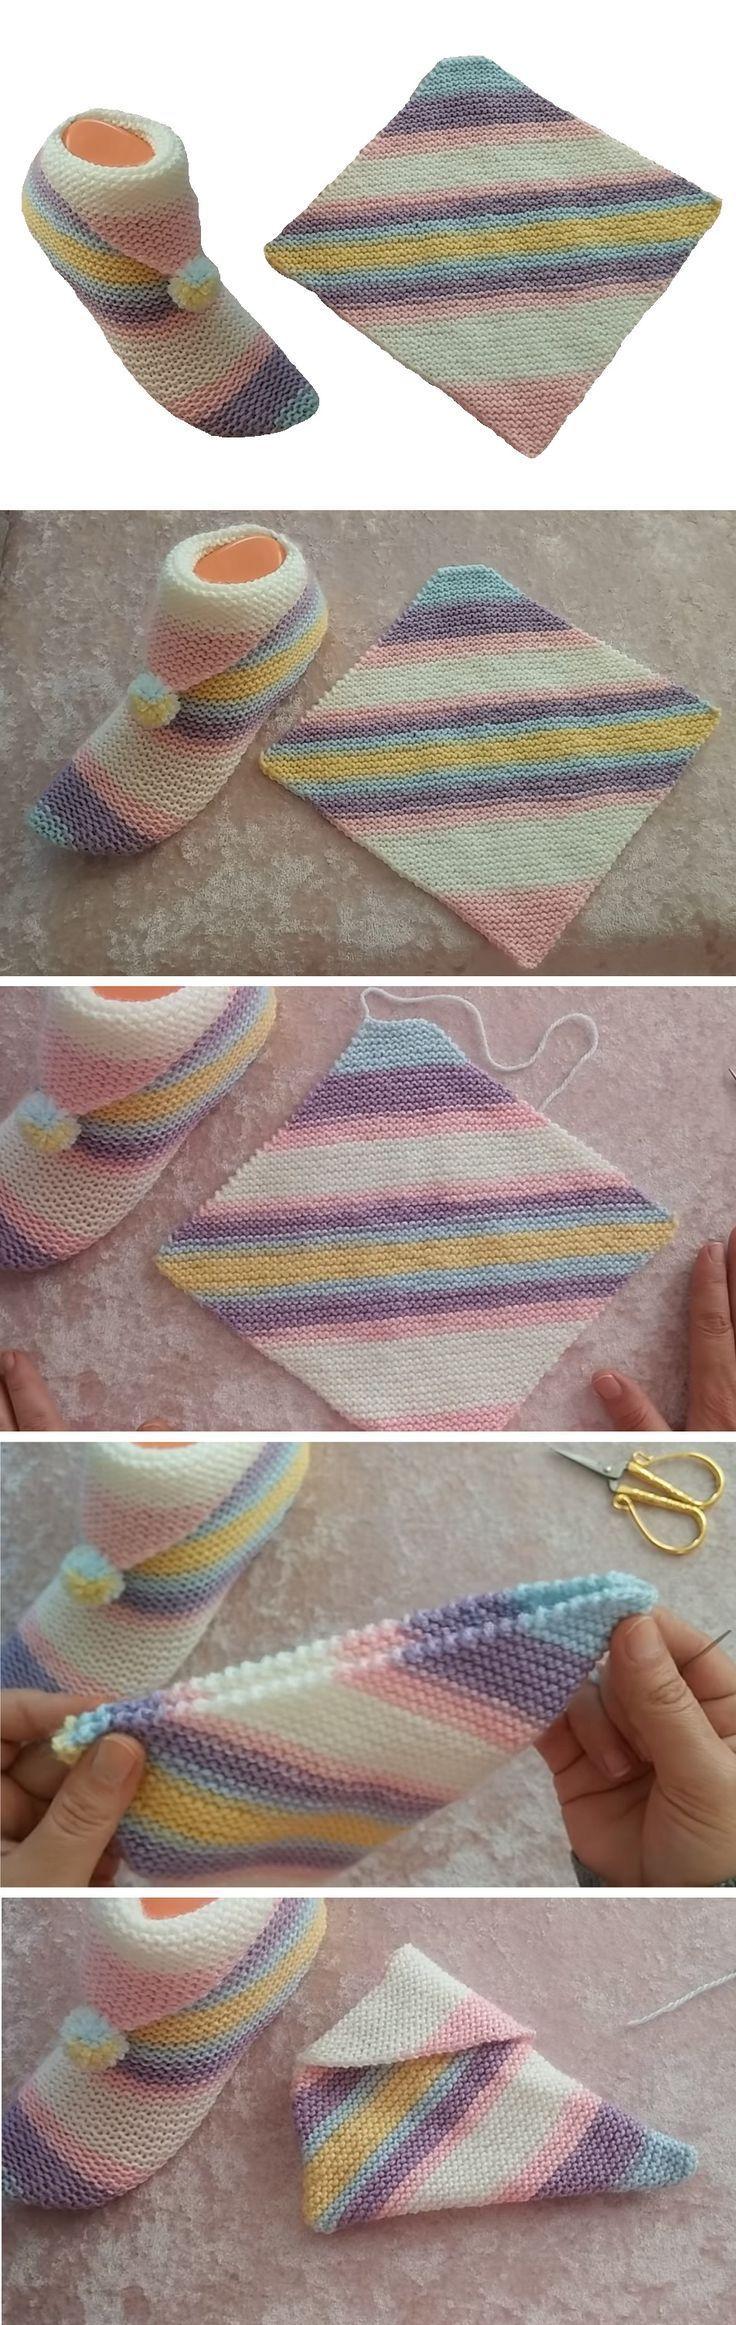 Einfache Schritt für Schritt Hausschuhe Tutorial   – Knitting Project Ideas